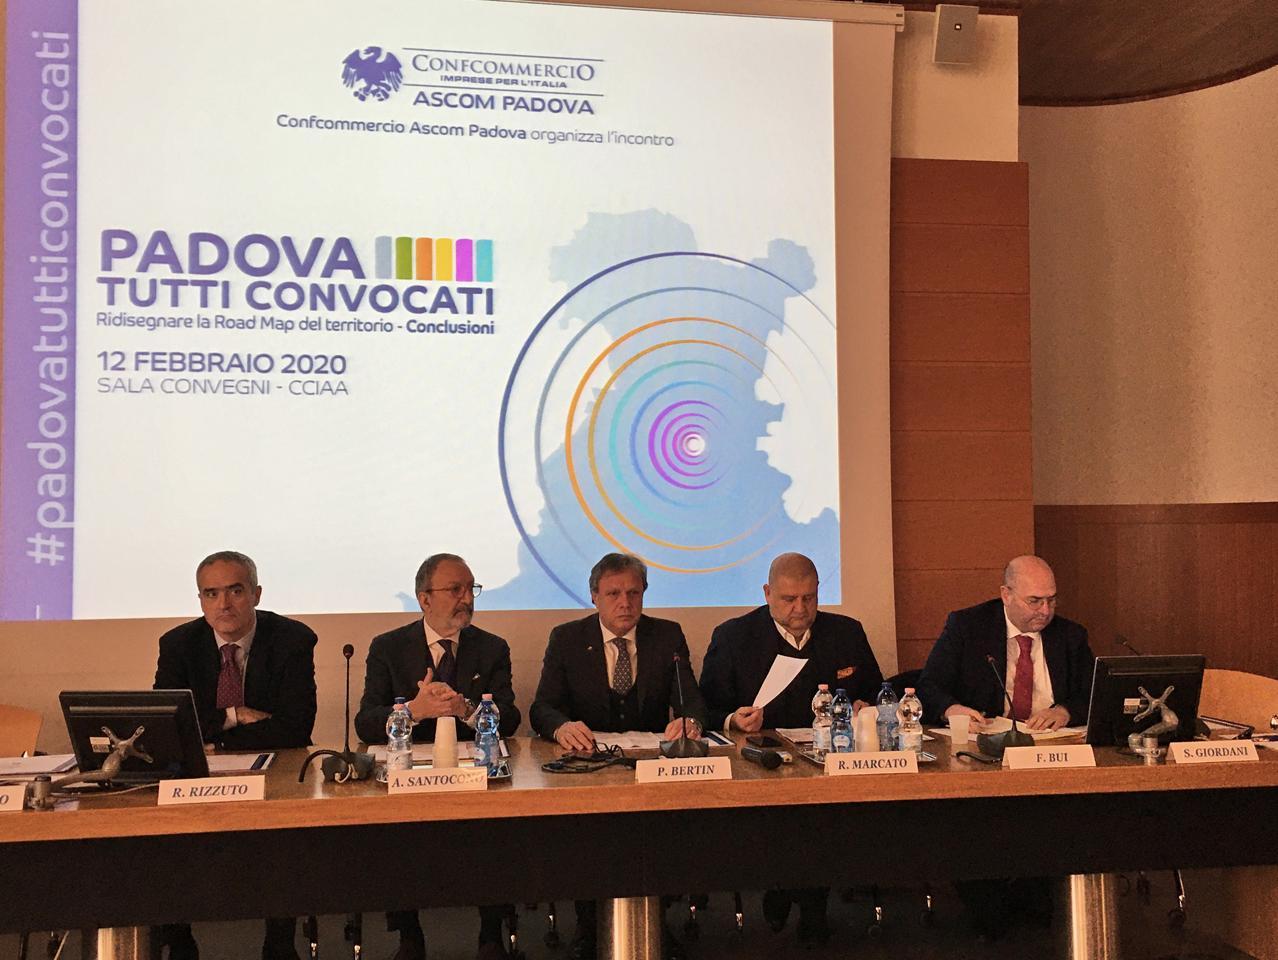 Tavolo dei relatori all'incontro Padova tutti convocati